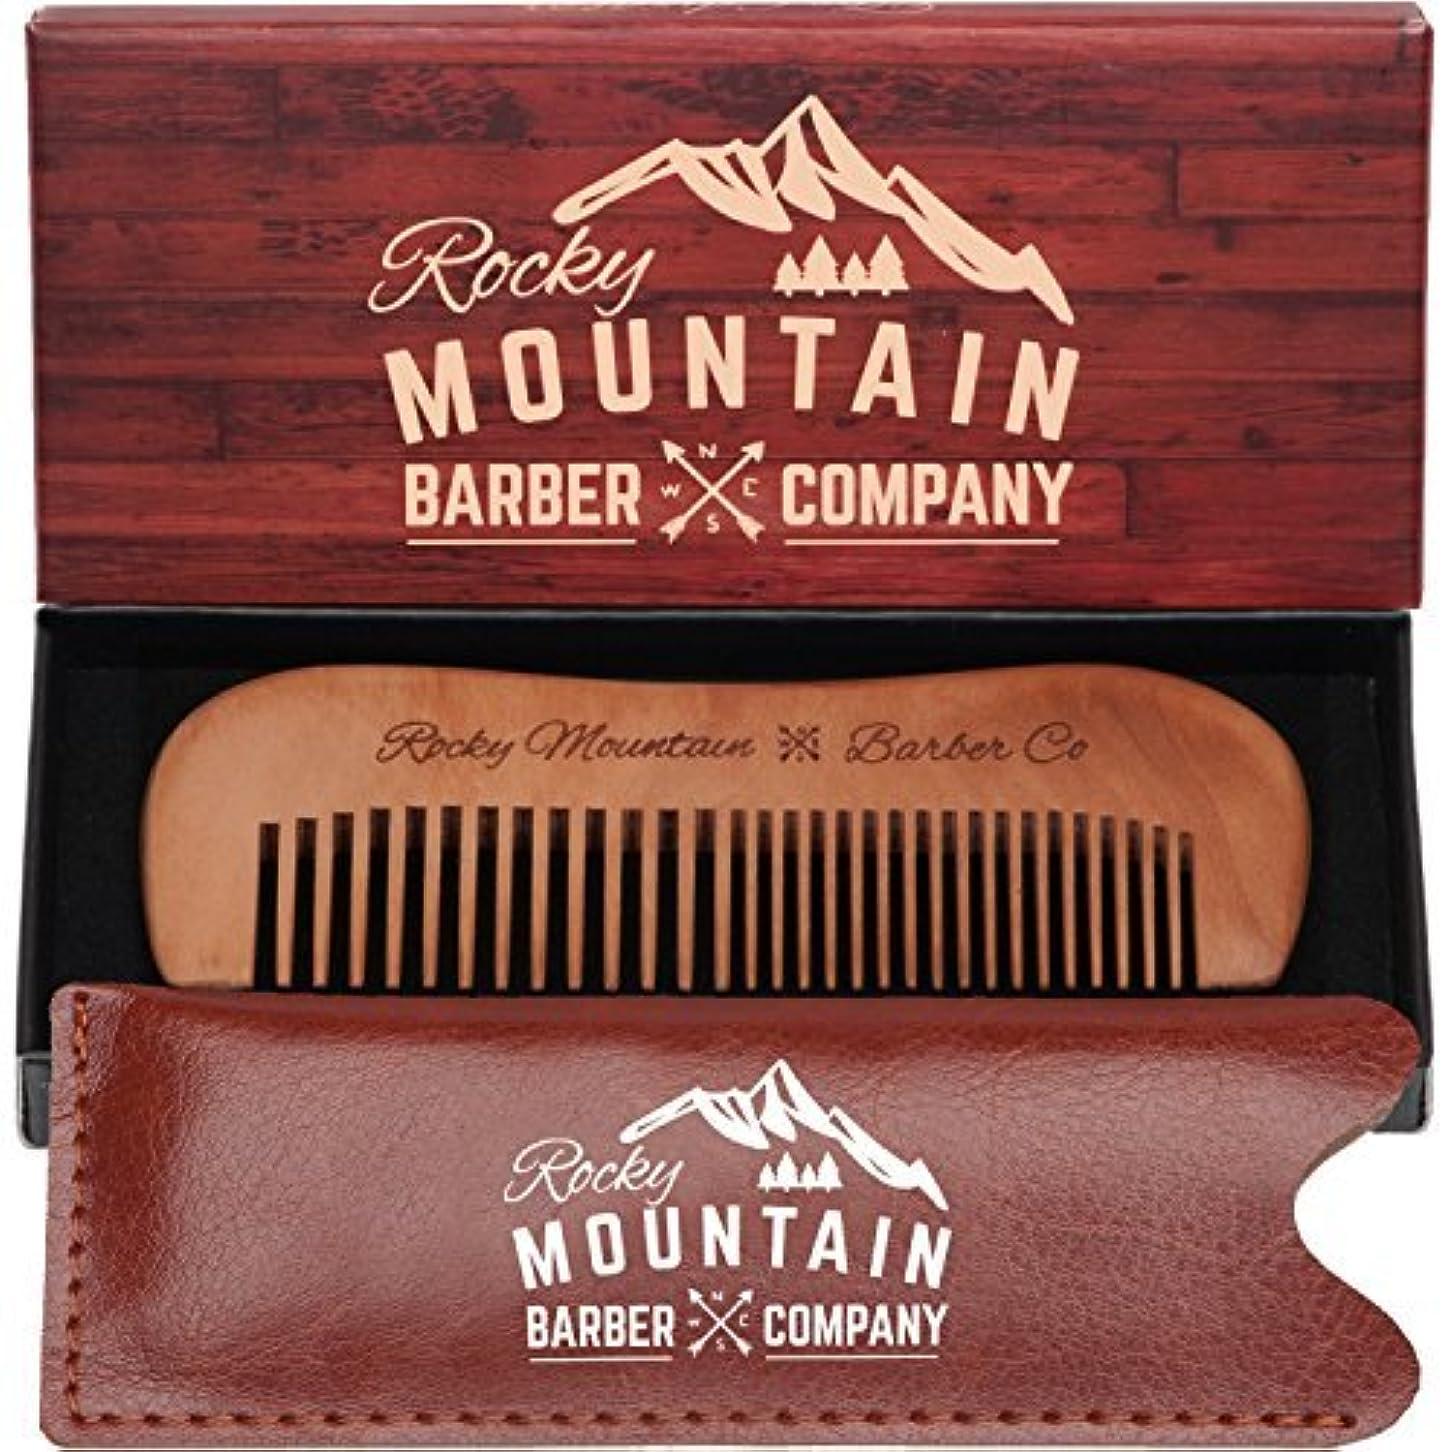 切り下げソブリケット長さTravel Hair Comb - Travel Size Comb with Fine and Medium Tooth for Mustache, Beard and Hair With Pocket Carrying Case - Anti-Static and Tangle-free. [並行輸入品]